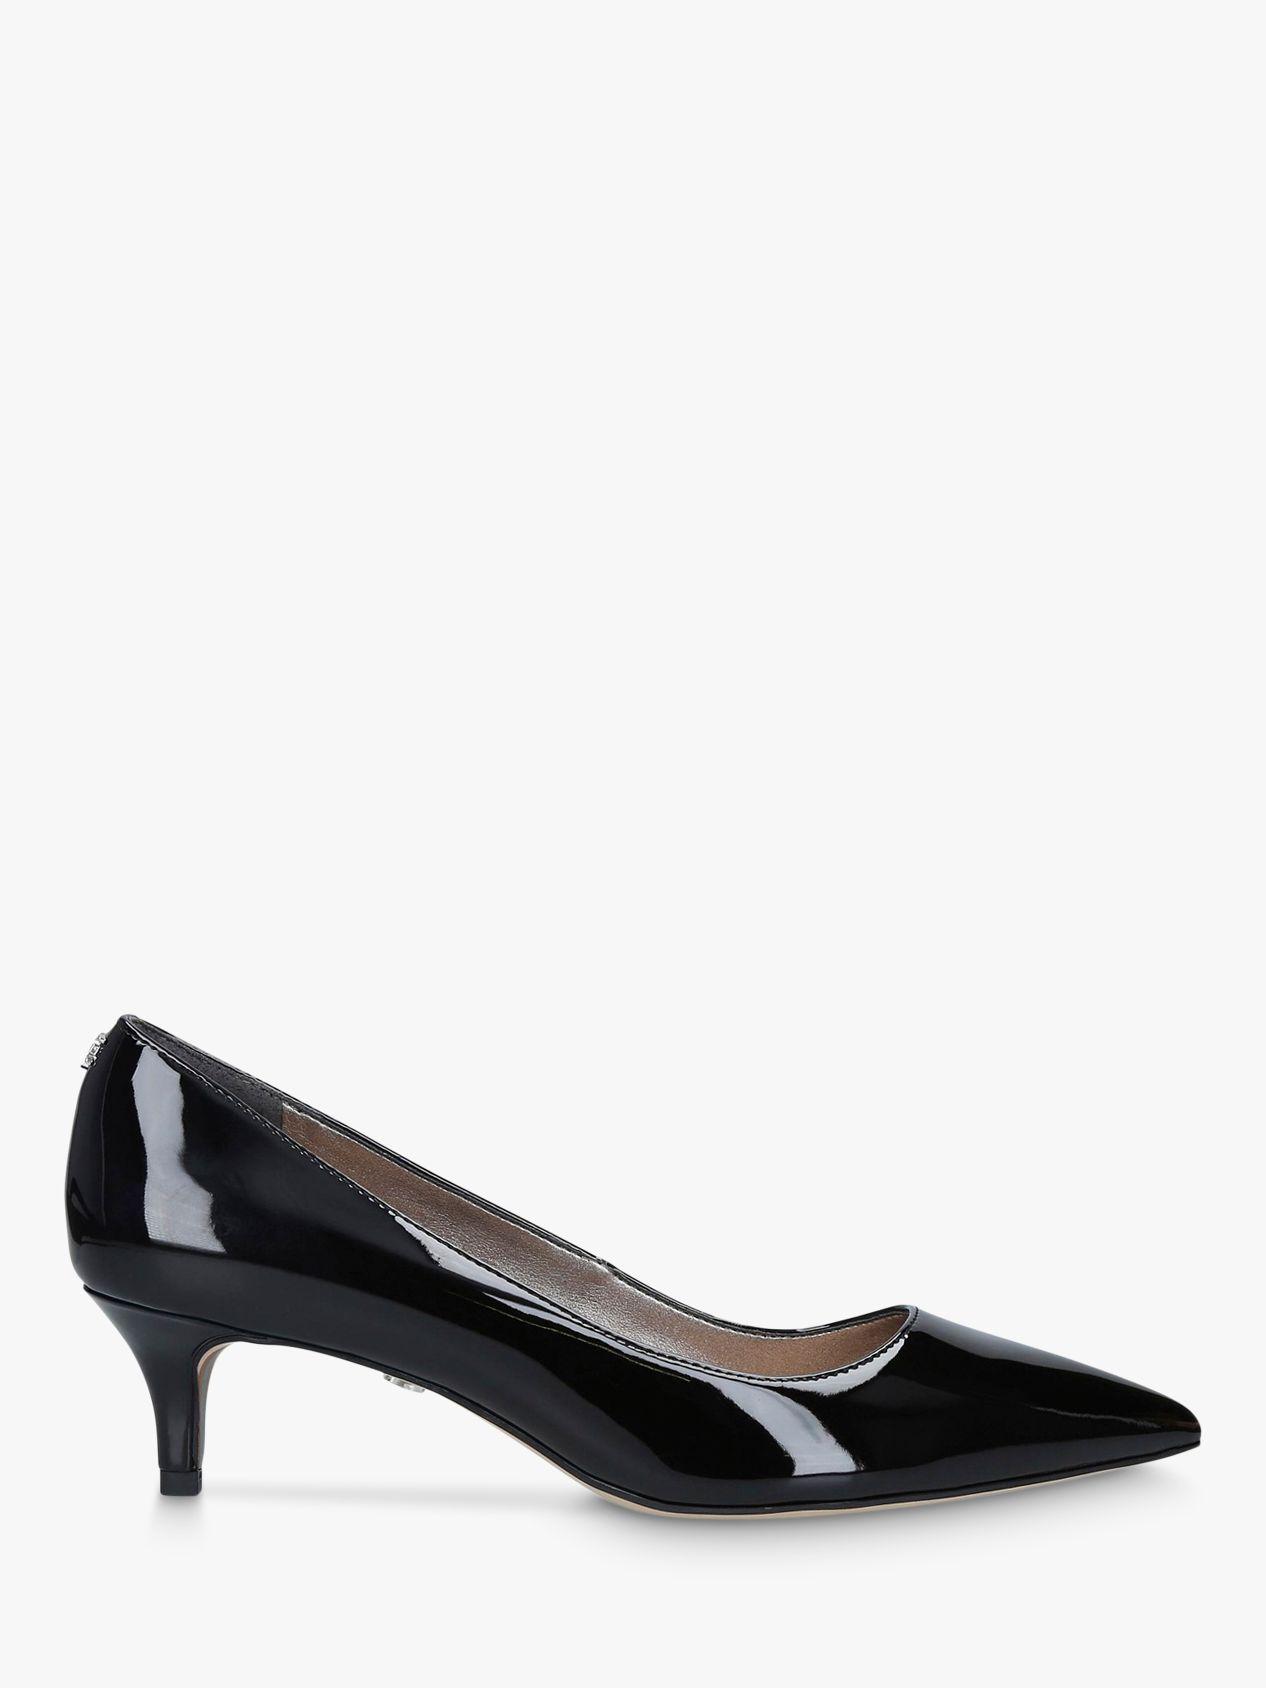 Sam Edelman Dori Kitten Heel Leather Court Shoes Black Patent Leather Court Shoes Kitten Heels Heels